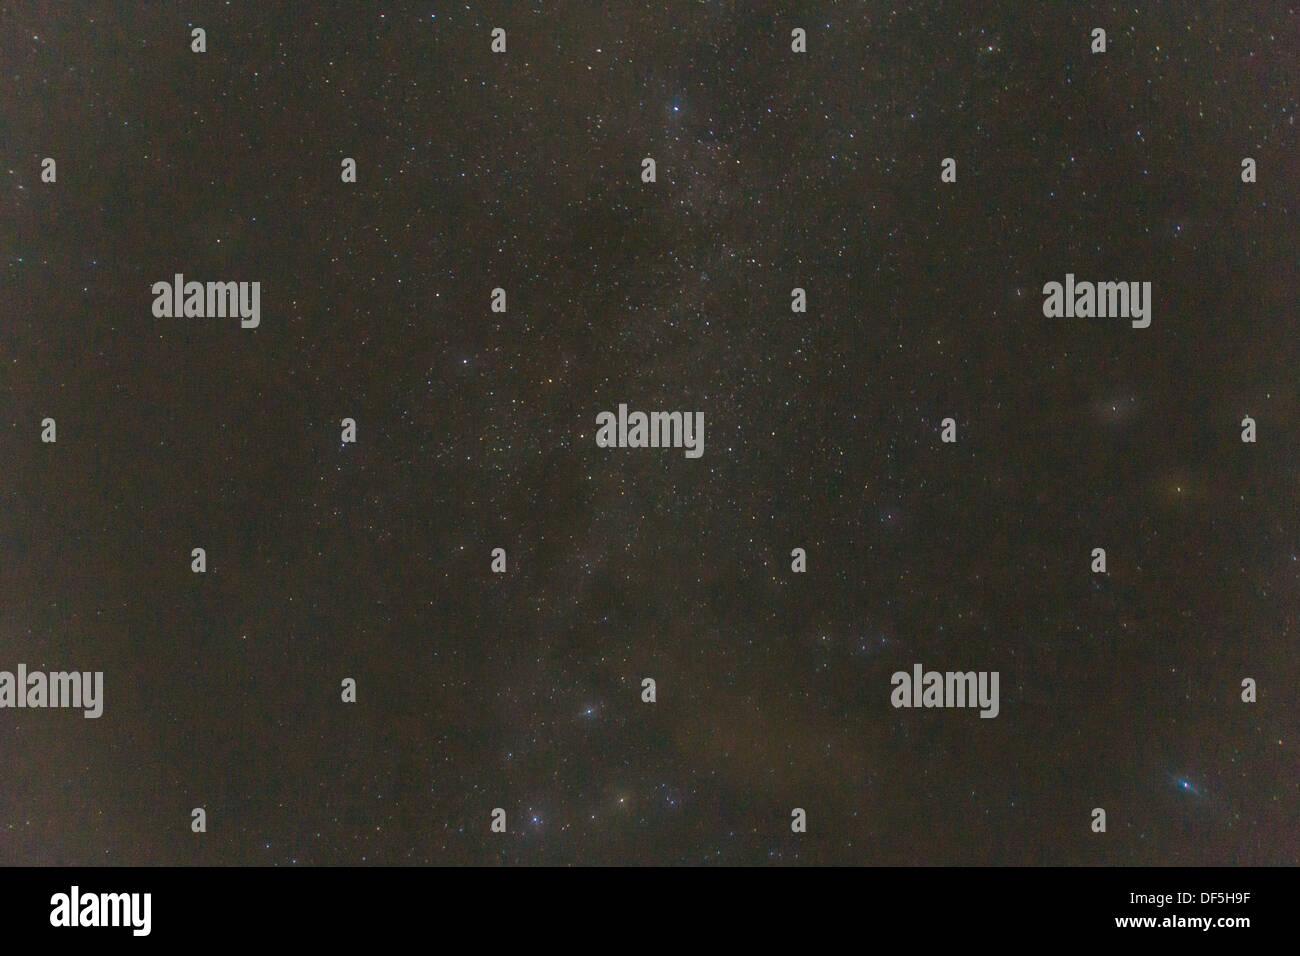 Stars at night at shining at the firmament - Stock Image